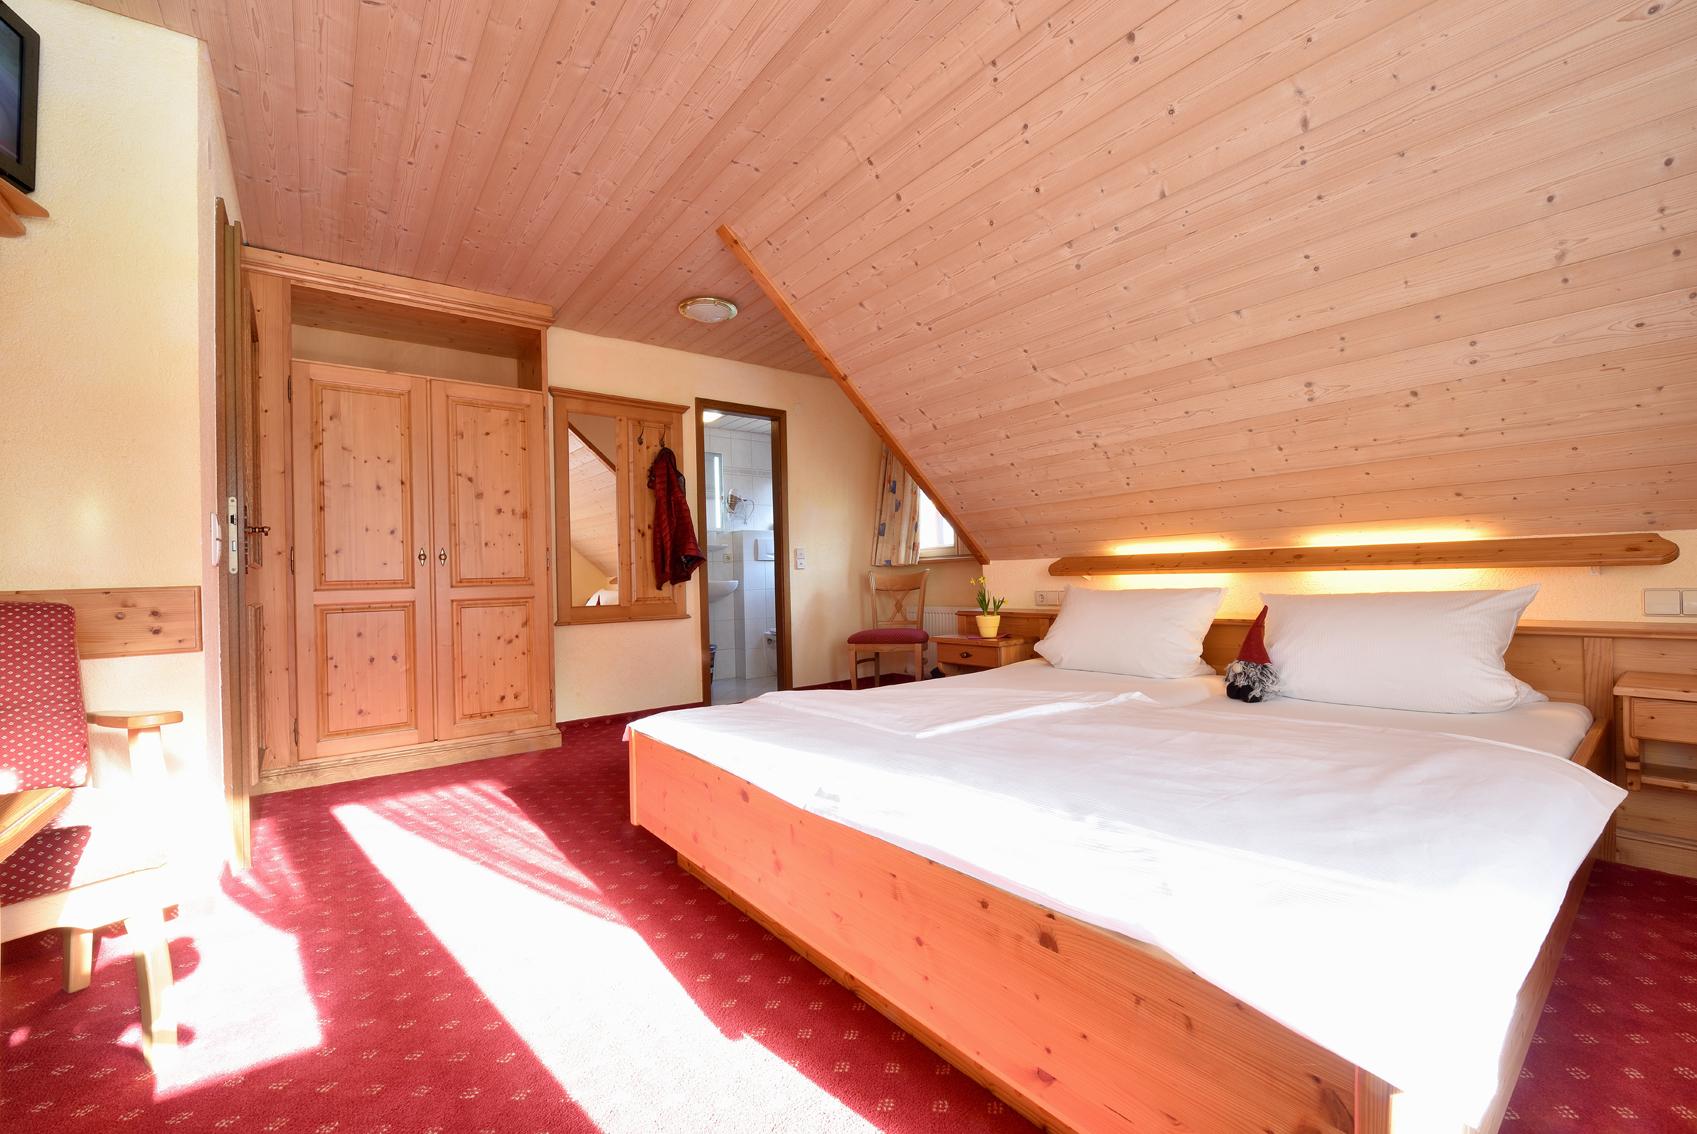 Ferienwohnung Gästehaus Roseneck, (Todtmoos). Doppelzimmer mit Balkon (2718180), Todtmoos, Schwarzwald, Baden-Württemberg, Deutschland, Bild 19